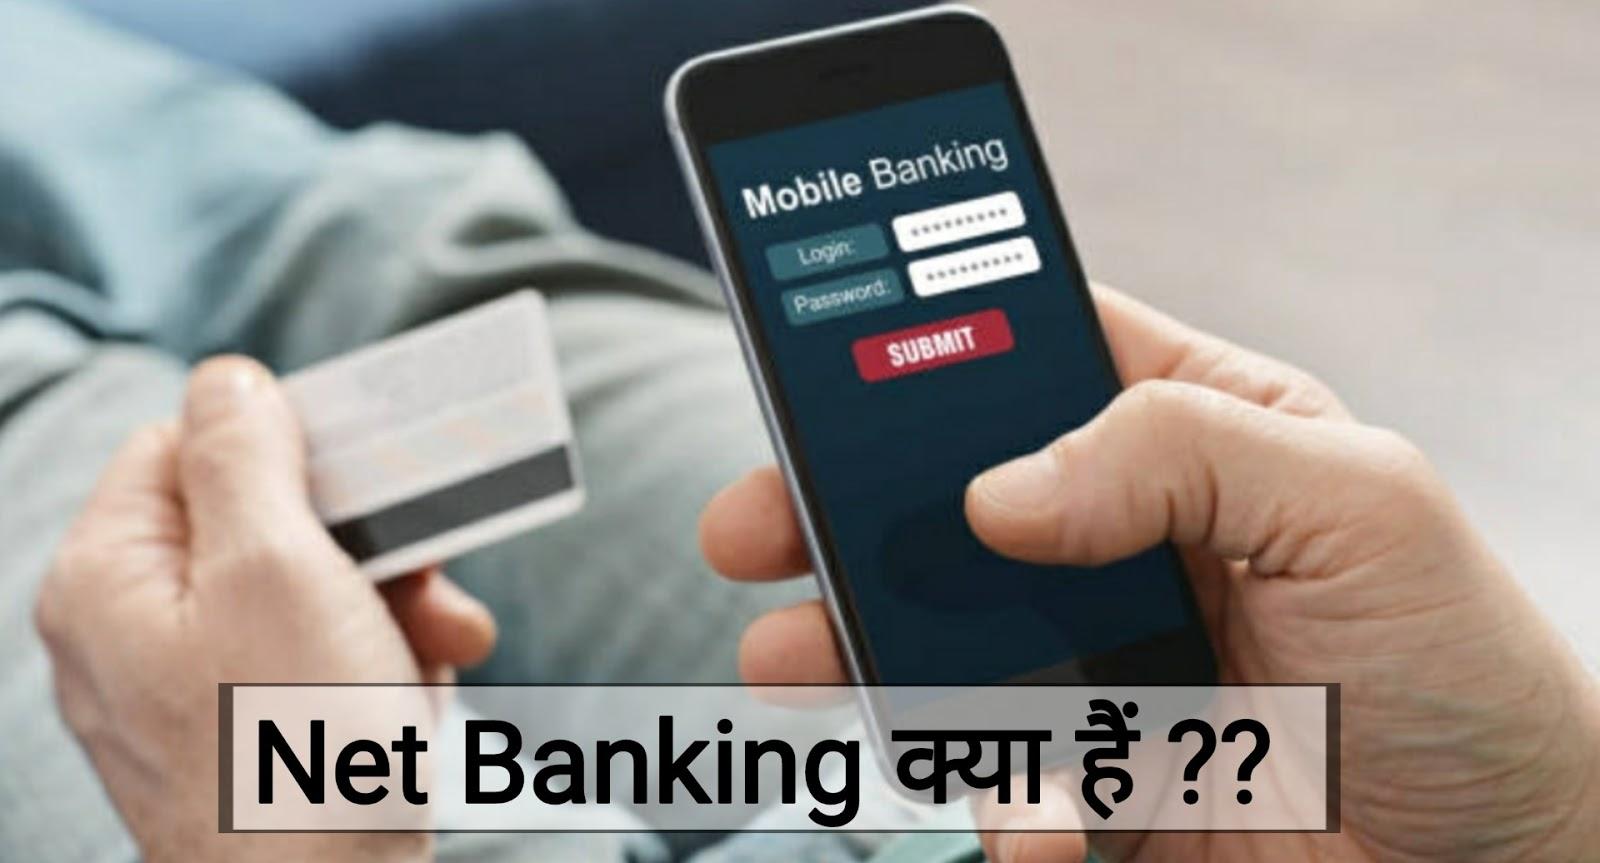 Net_Banking_Kya_Hai